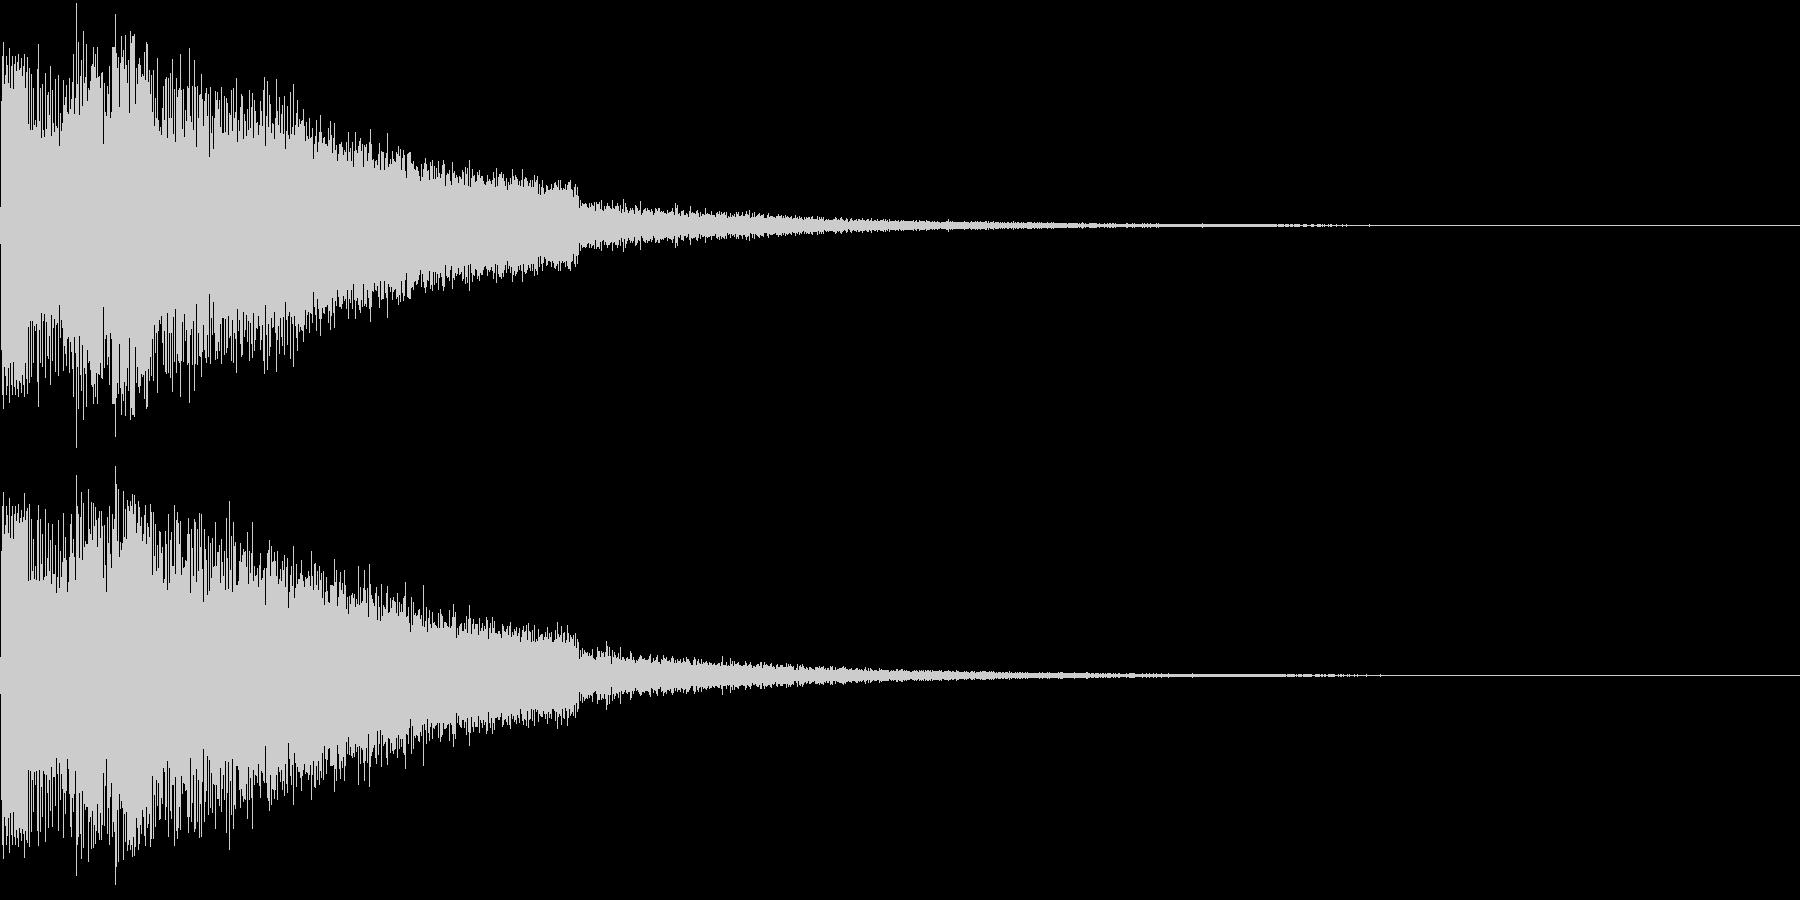 ピキューン ジャンプ ポヨーン Aの未再生の波形